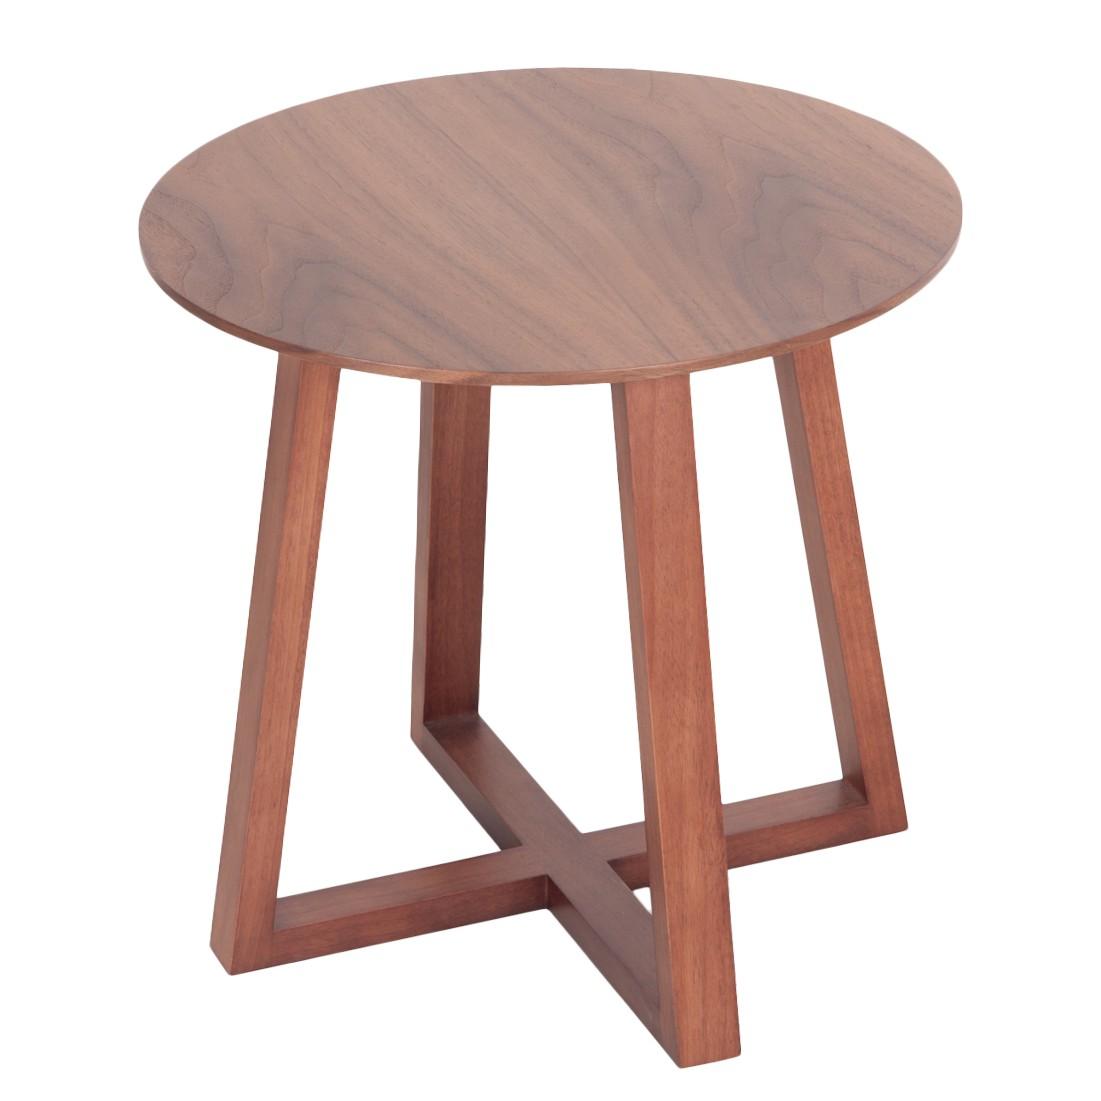 Table d'appoint Blake - Noyer, Studio Copenhagen